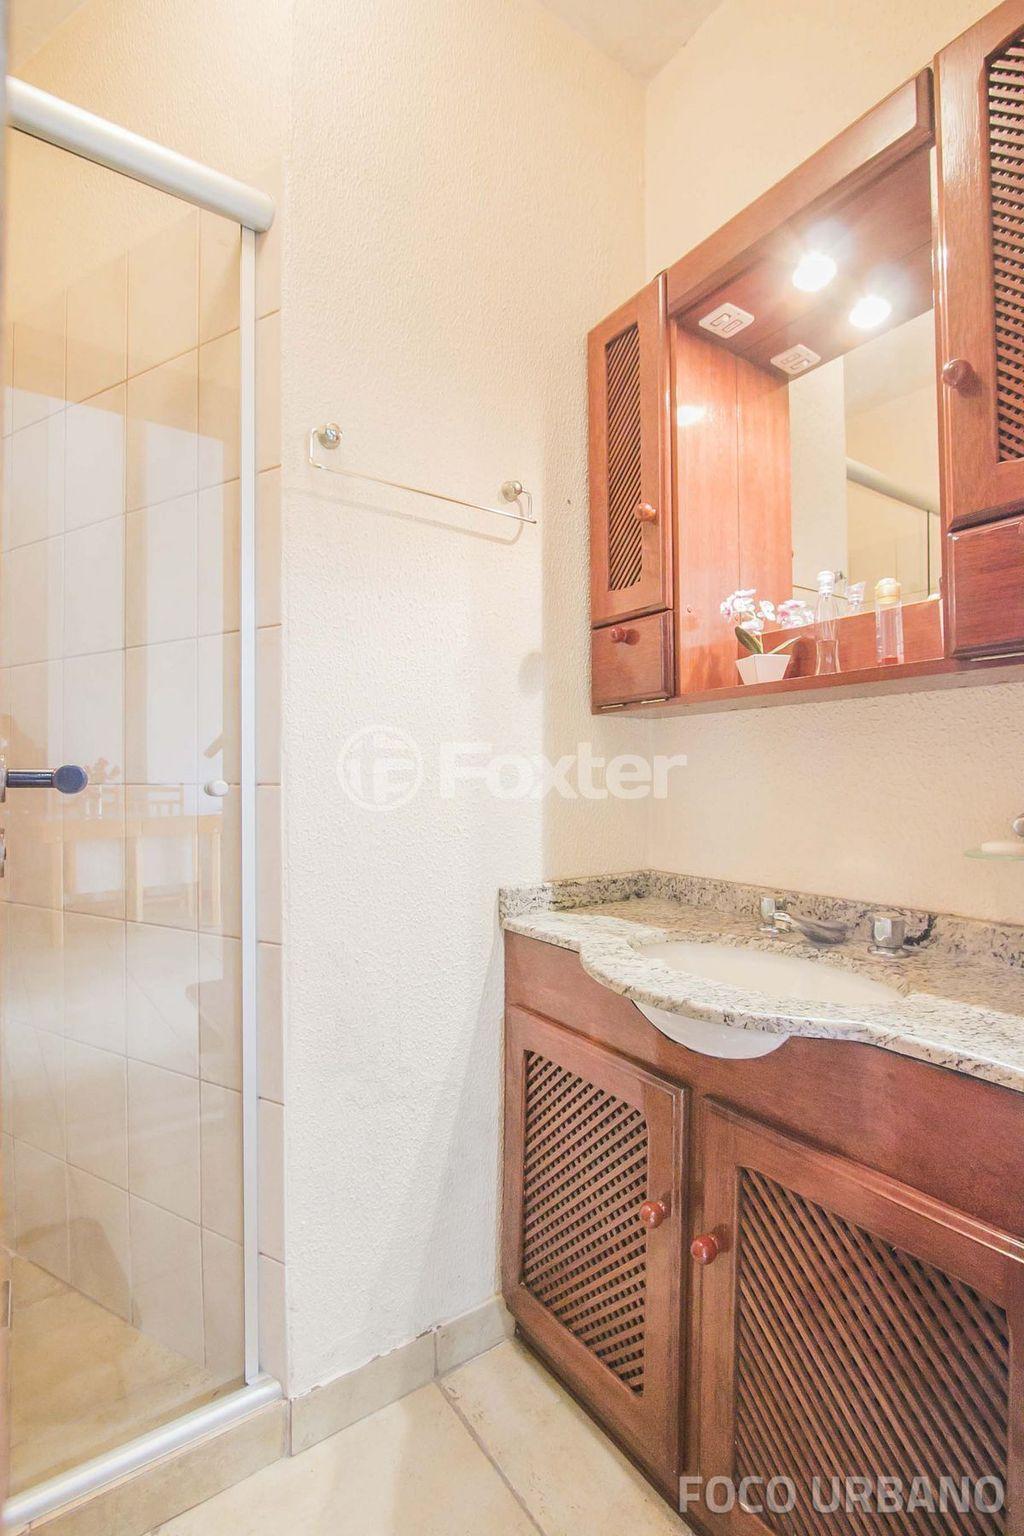 Foxter Imobiliária - Cobertura 4 Dorm (145795) - Foto 24